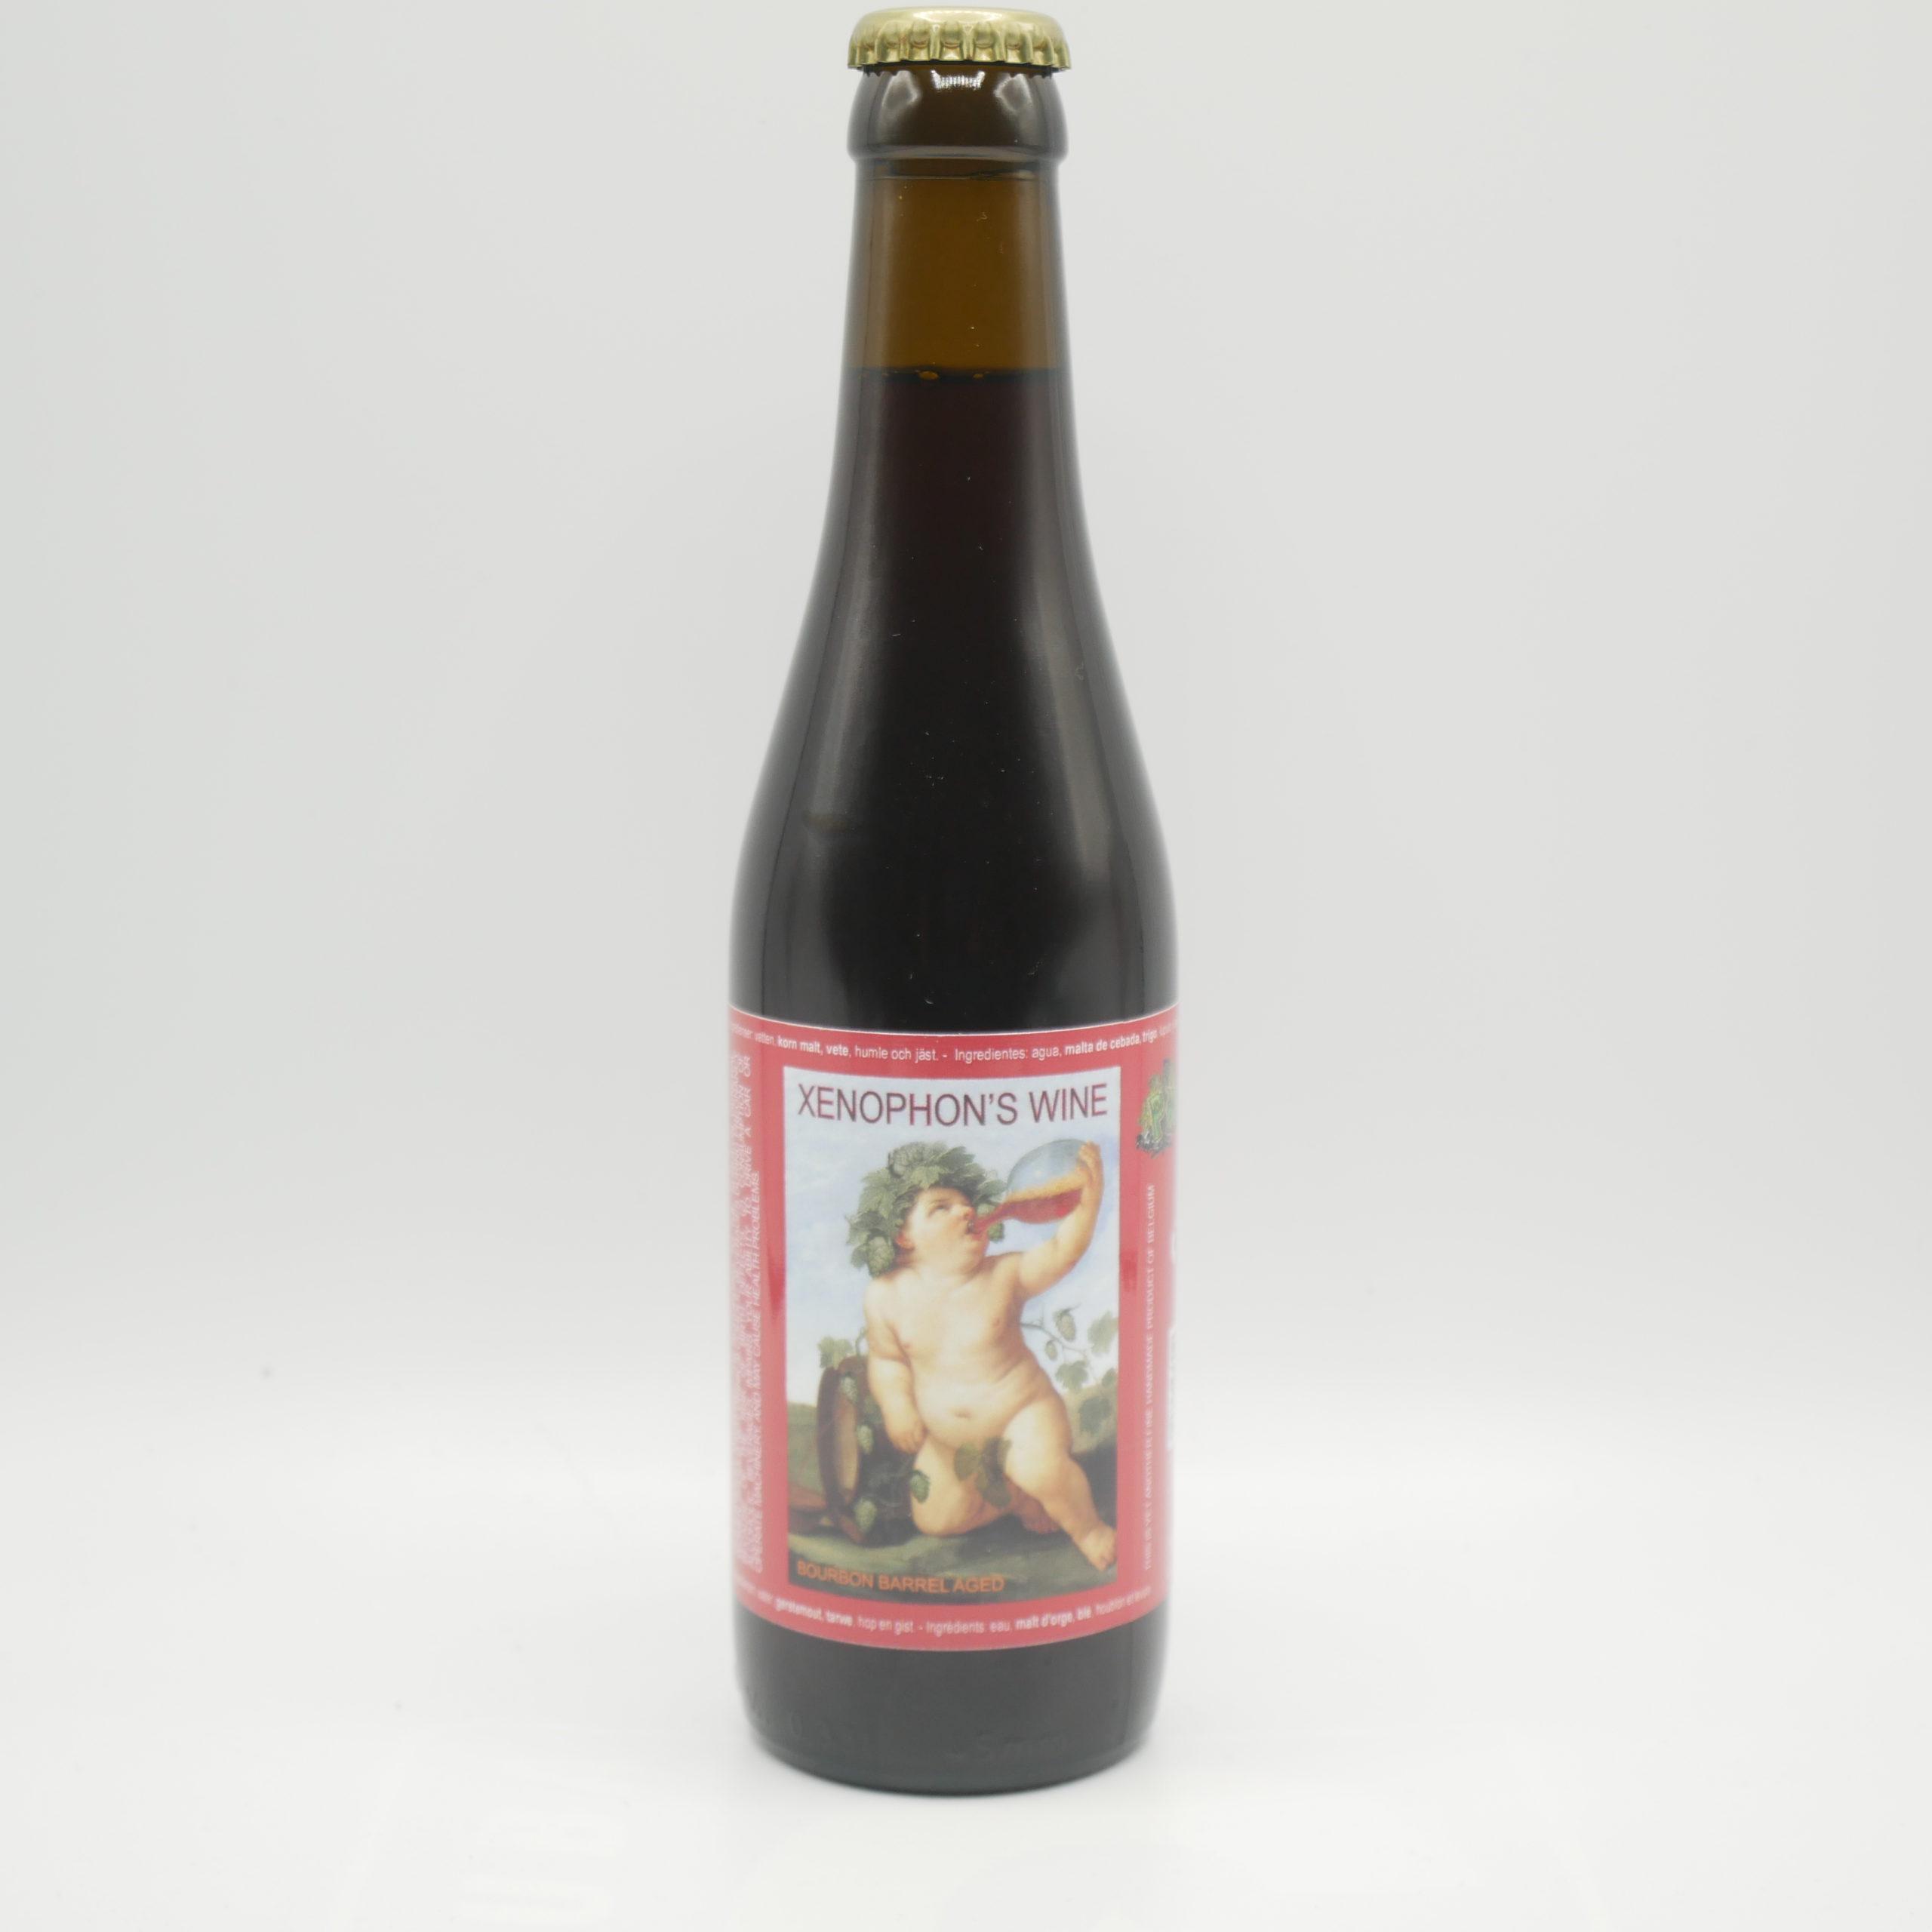 Image Xenophon's Wine